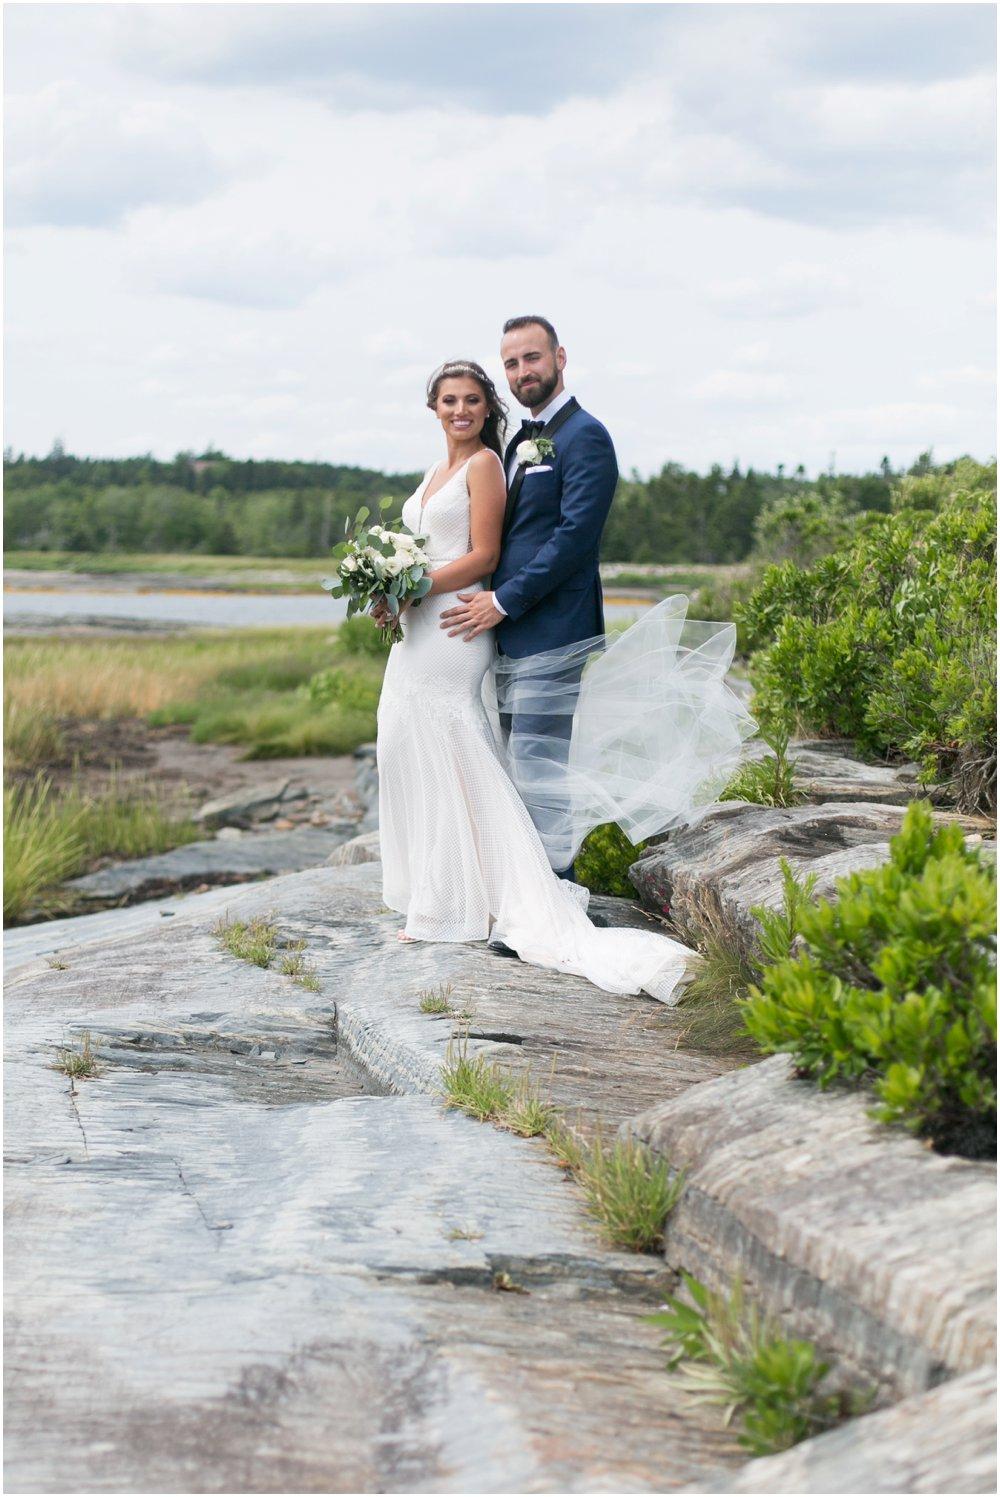 Mahone-Bay-Wedding-Chantal-Routhier-Photography_0028.jpg